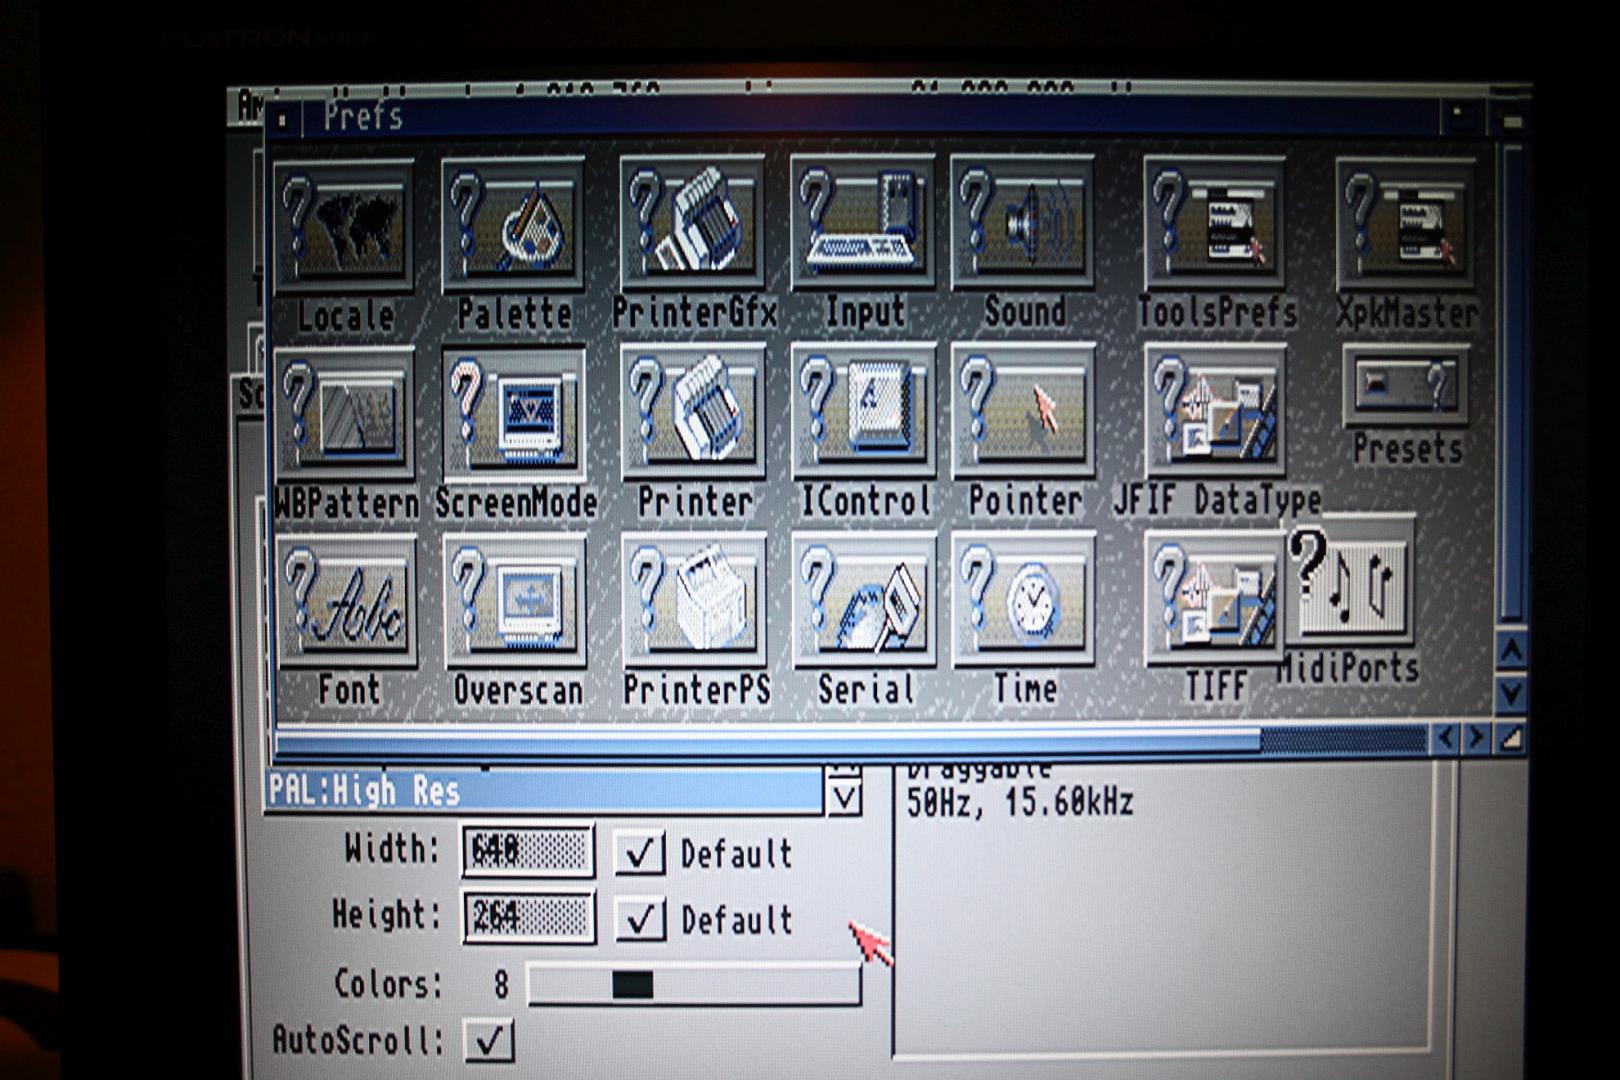 Klikněte na obrázek pro zobrazení větší verze  Název: FlatronM1921A-BZ_december2006.jpg Zobrazeno: 14 Velikost: 223,0 KB ID: 9806